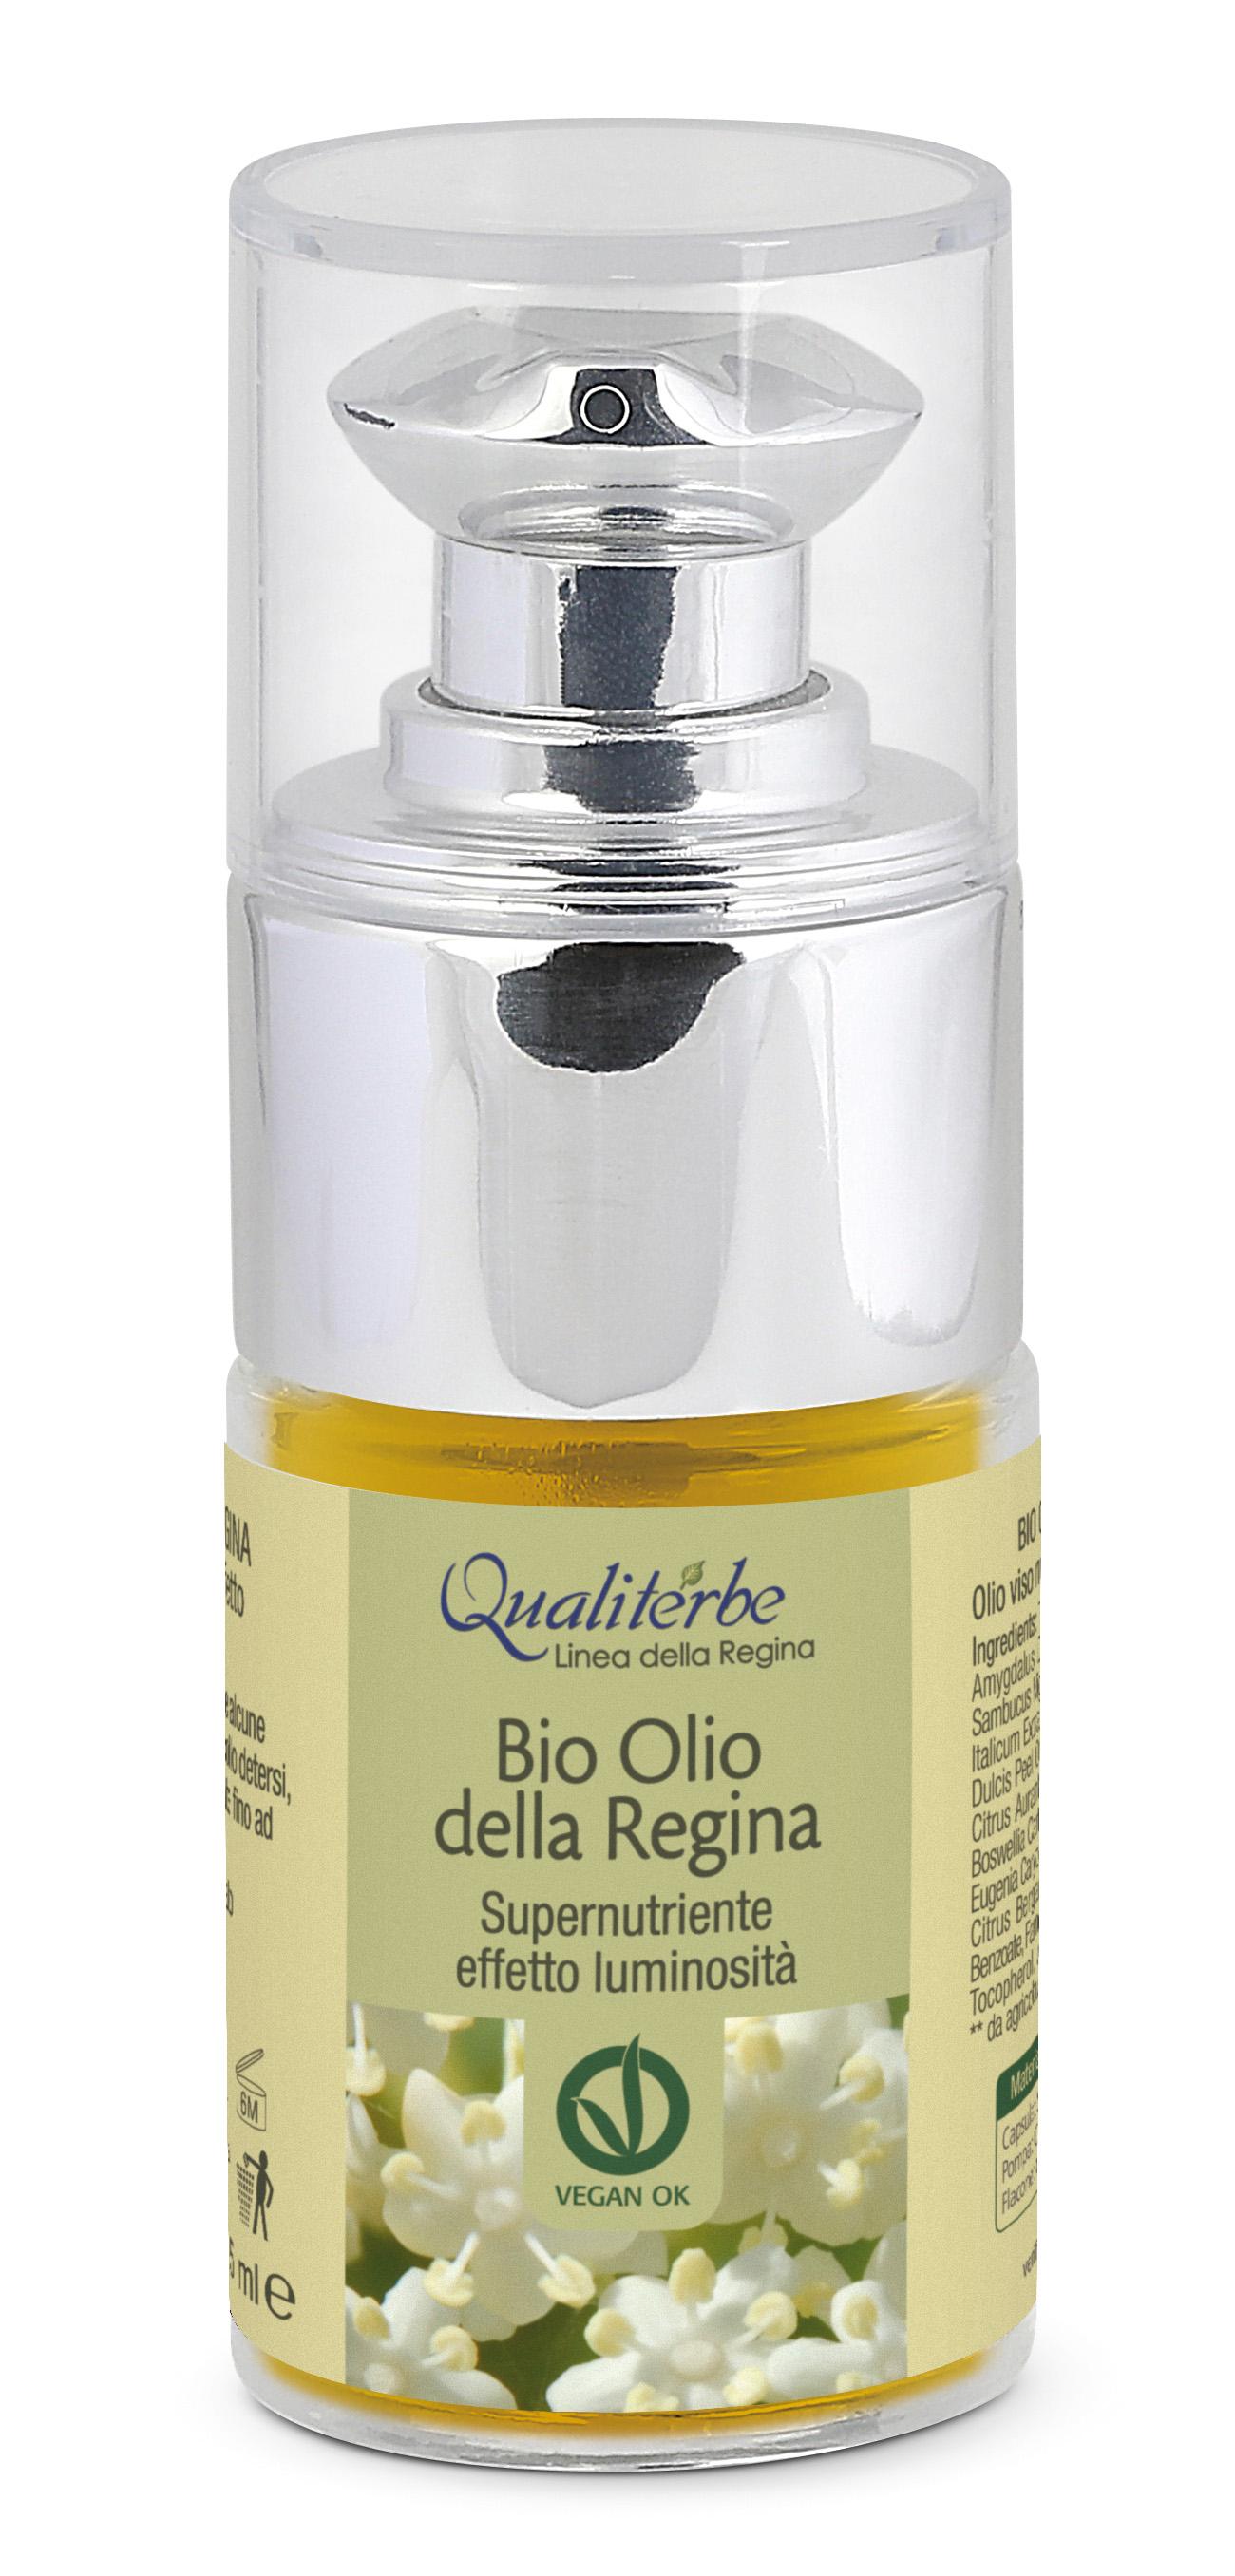 Olio della Regina - Prodotto per il viso.